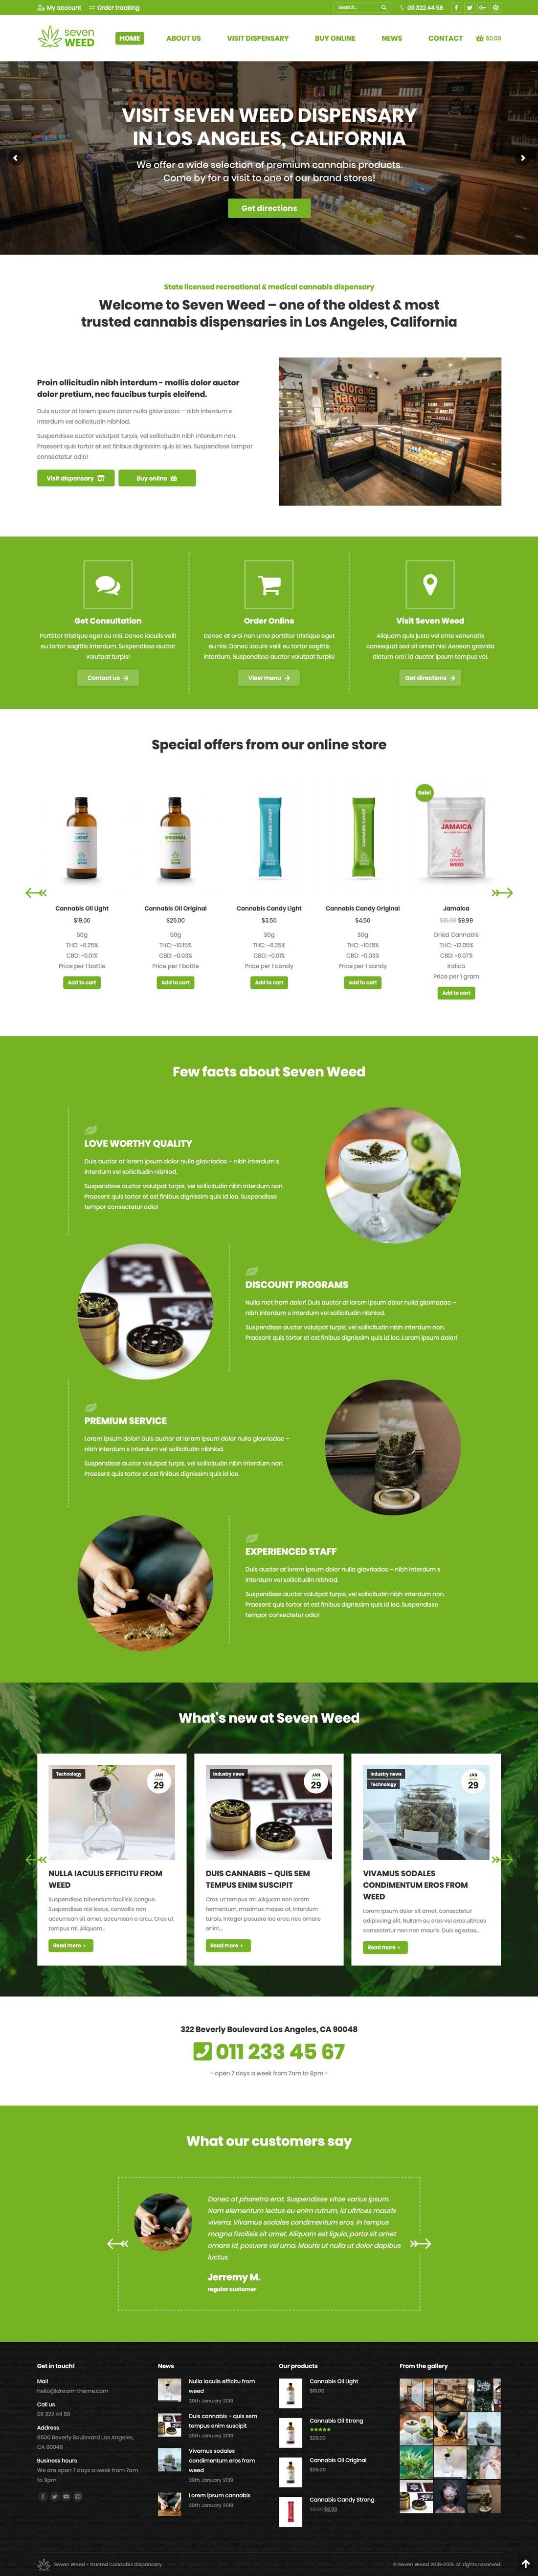 ecommerce affordable web design sample